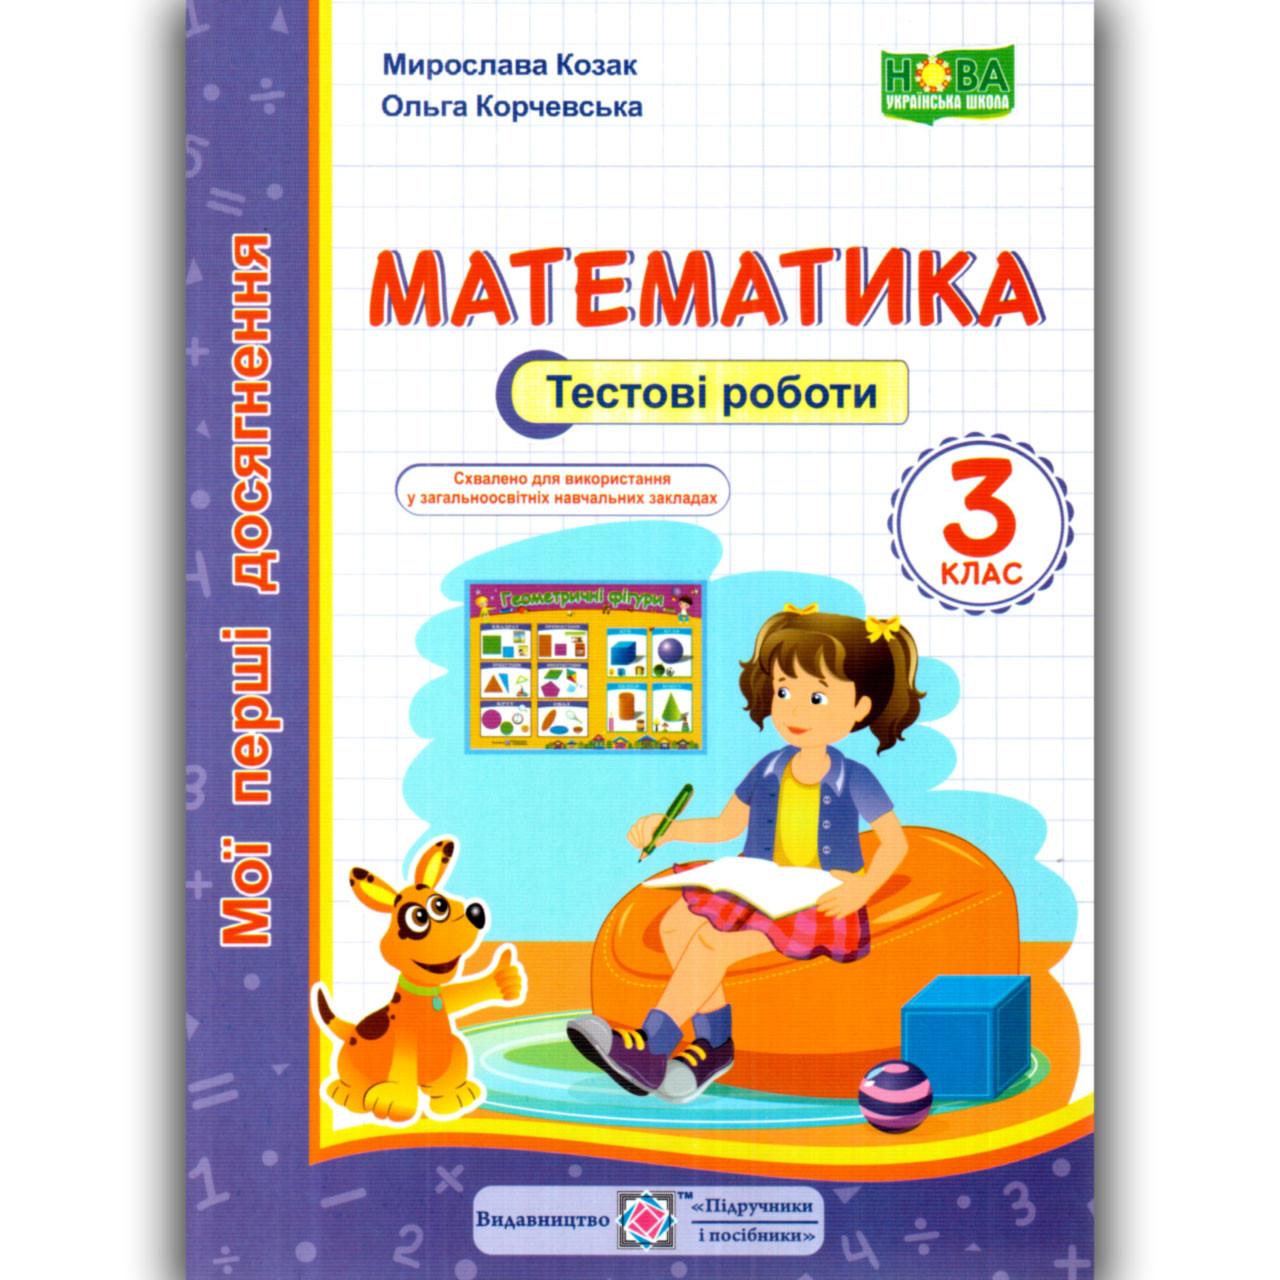 Тестові роботи Математика 3 клас Авт: Козак М. Вид: Підручники і Посібники